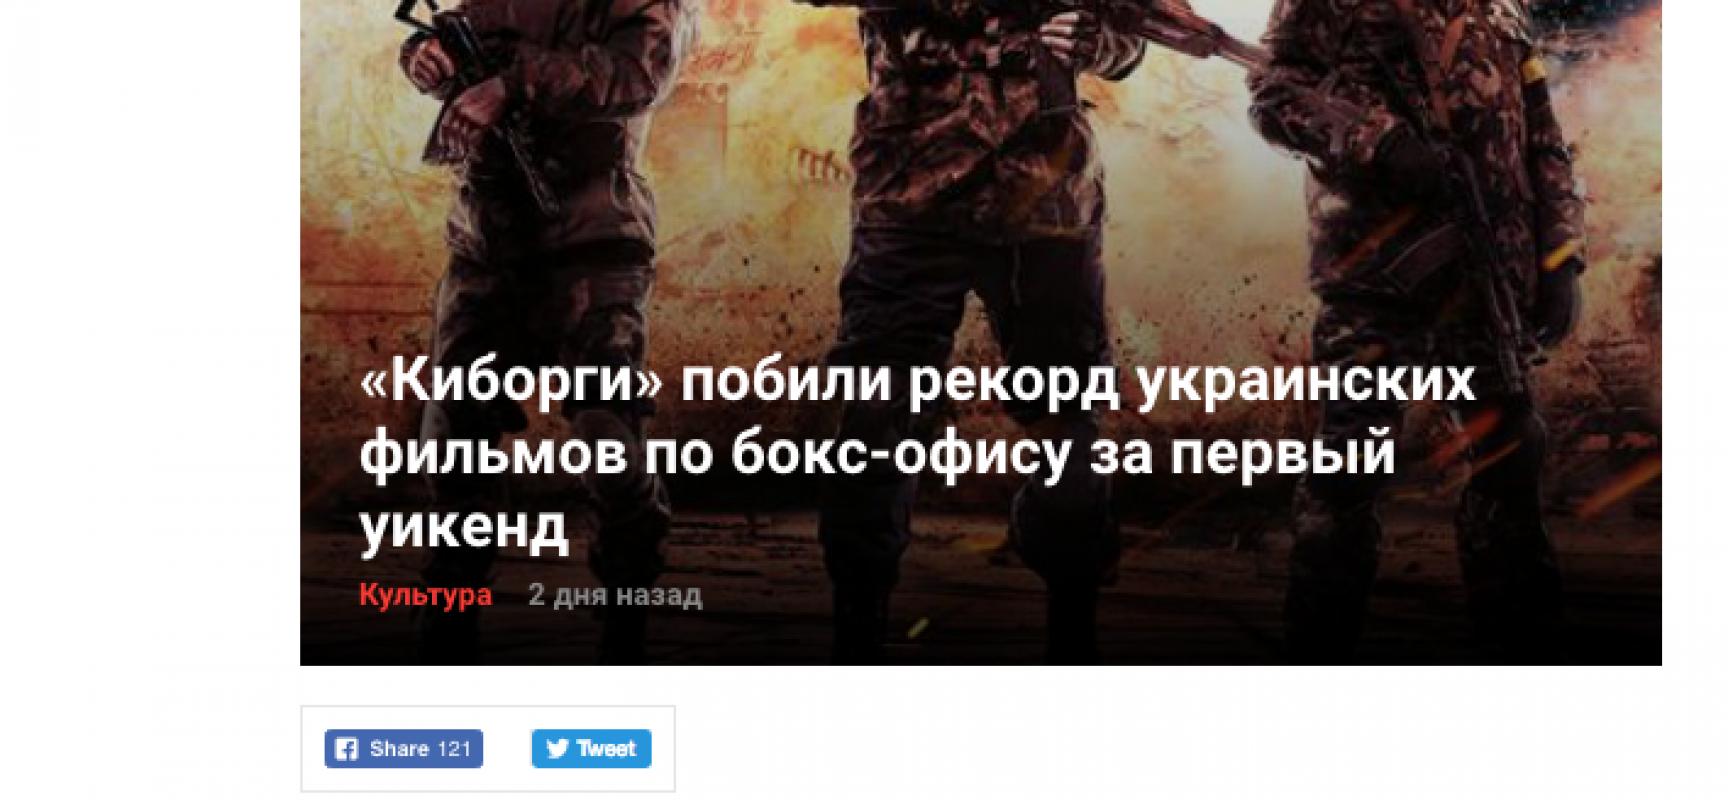 Fake : Il film ucraino Cyborgs è un flop al box office